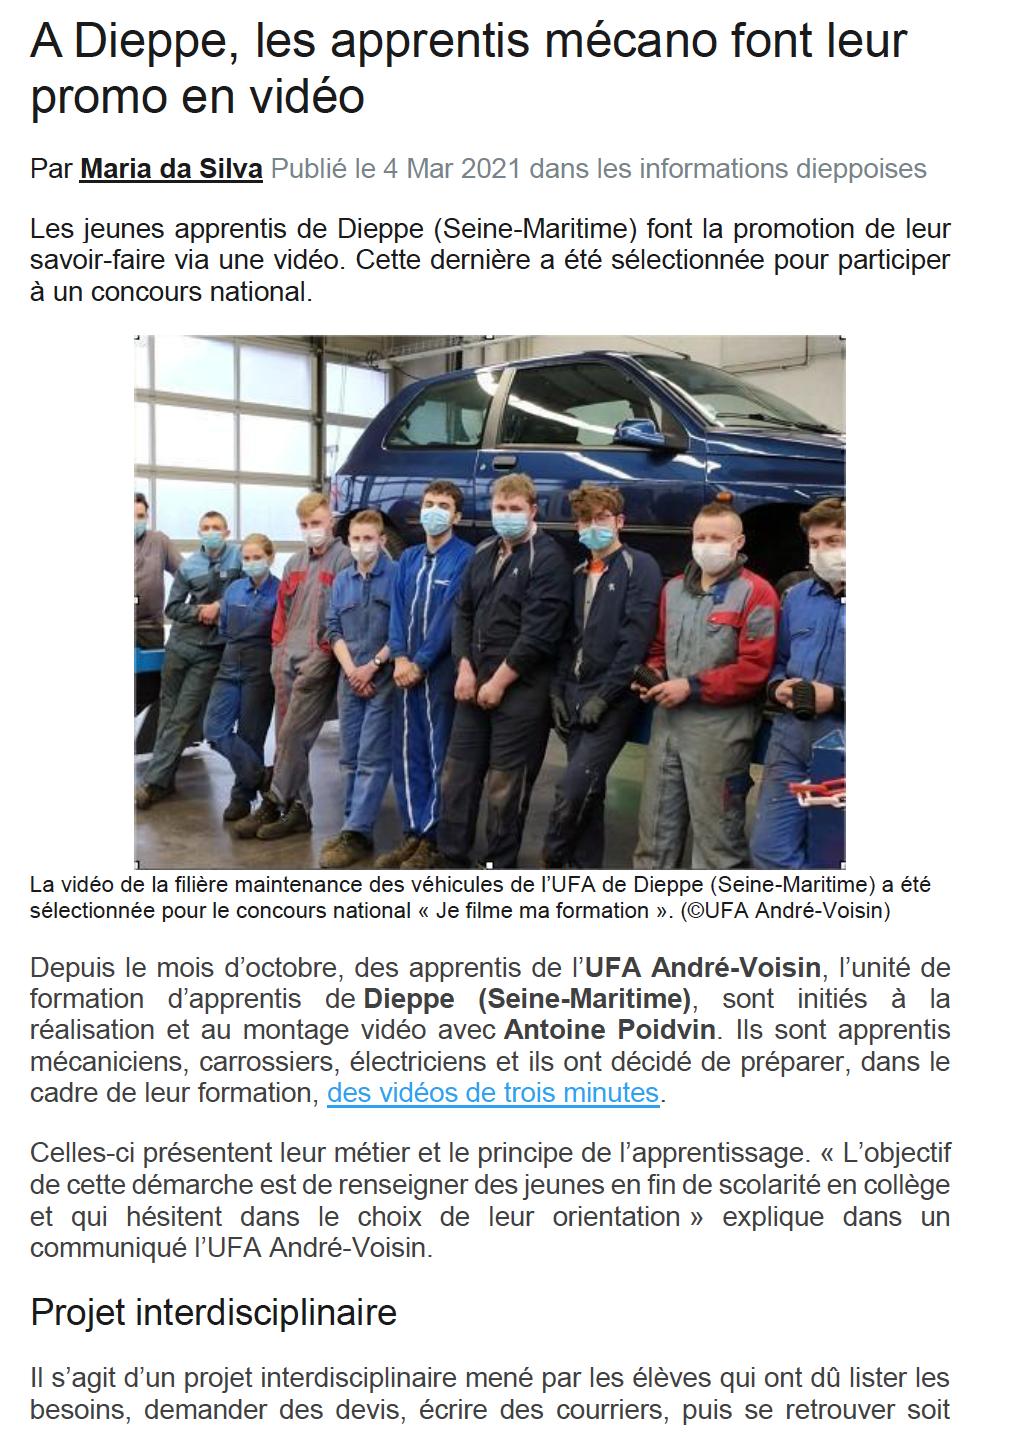 A Dieppe, les apprentis mécano font leur promo en vidéo